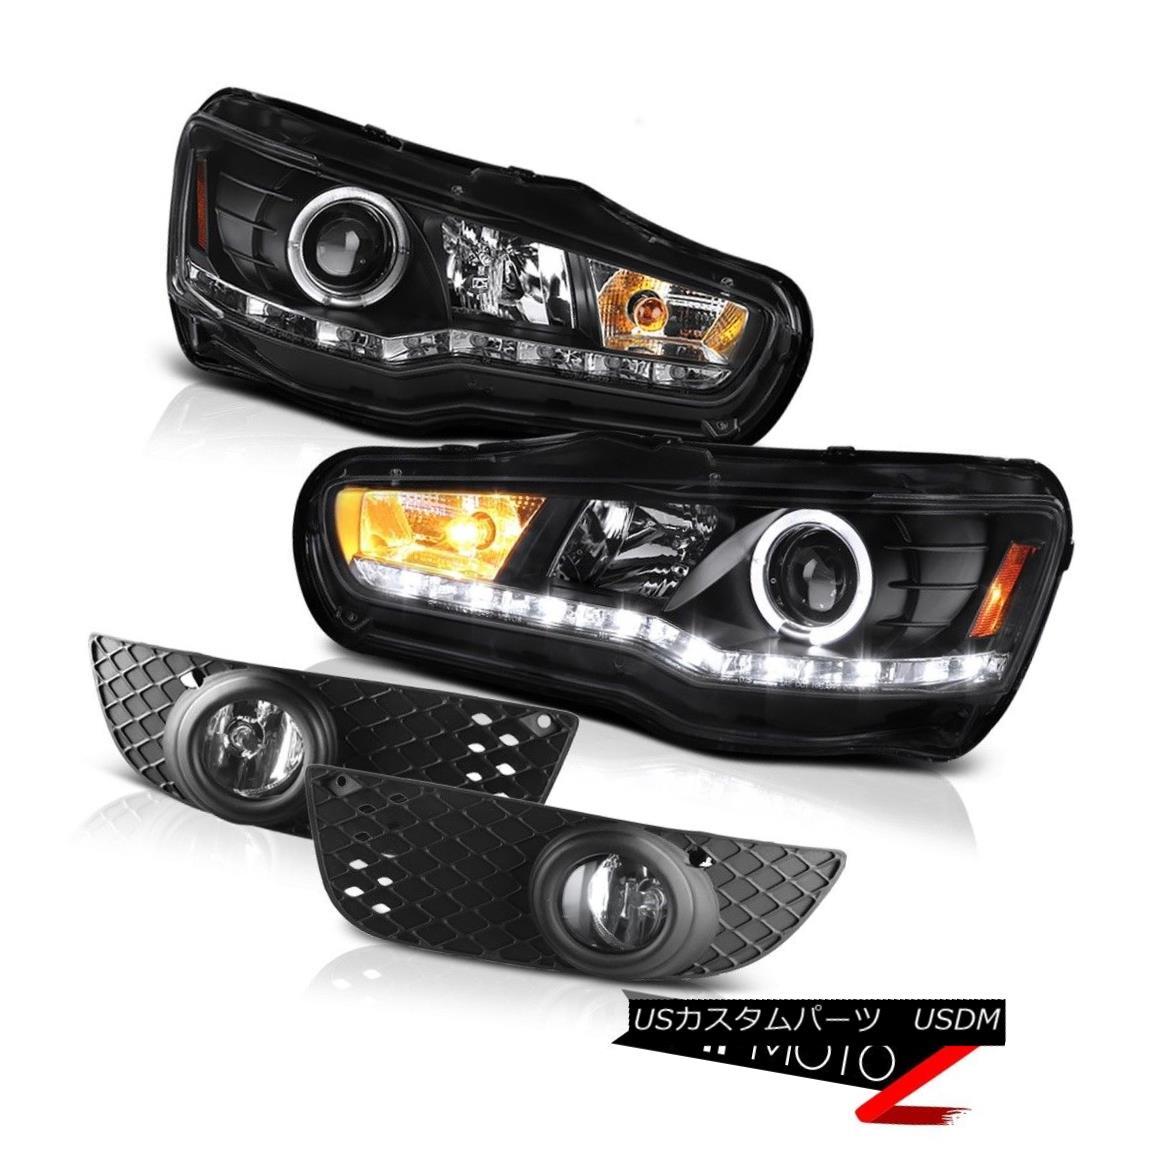 ヘッドライト 08-12 Mitsubishi Lancer GTS [D2S] Black Angel Eye Headlamp Clear Bumper Fog Lamp 08-12三菱ランサーGTS [D2S]ブラックエンジェルアイヘッドランプクリアバンパーフォグランプ